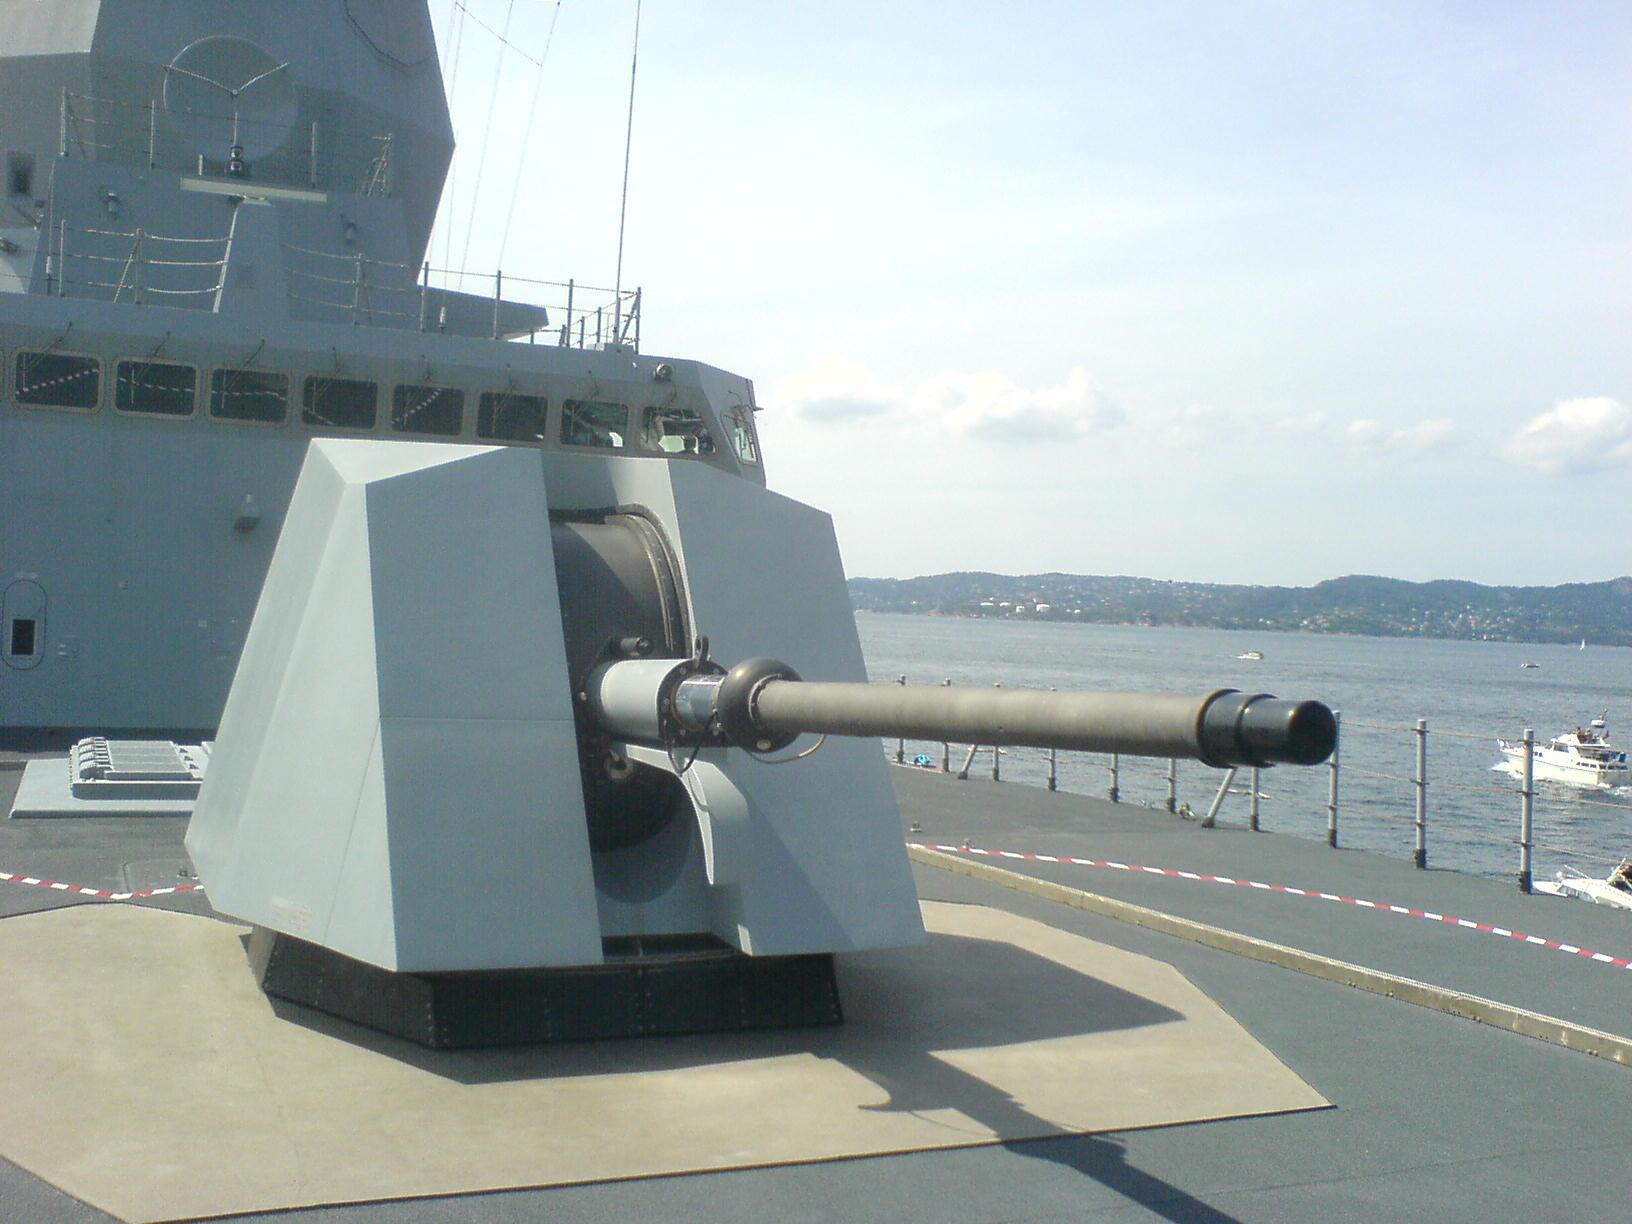 Armée Norvégienne Nansen-oto75mm-2006-07-03